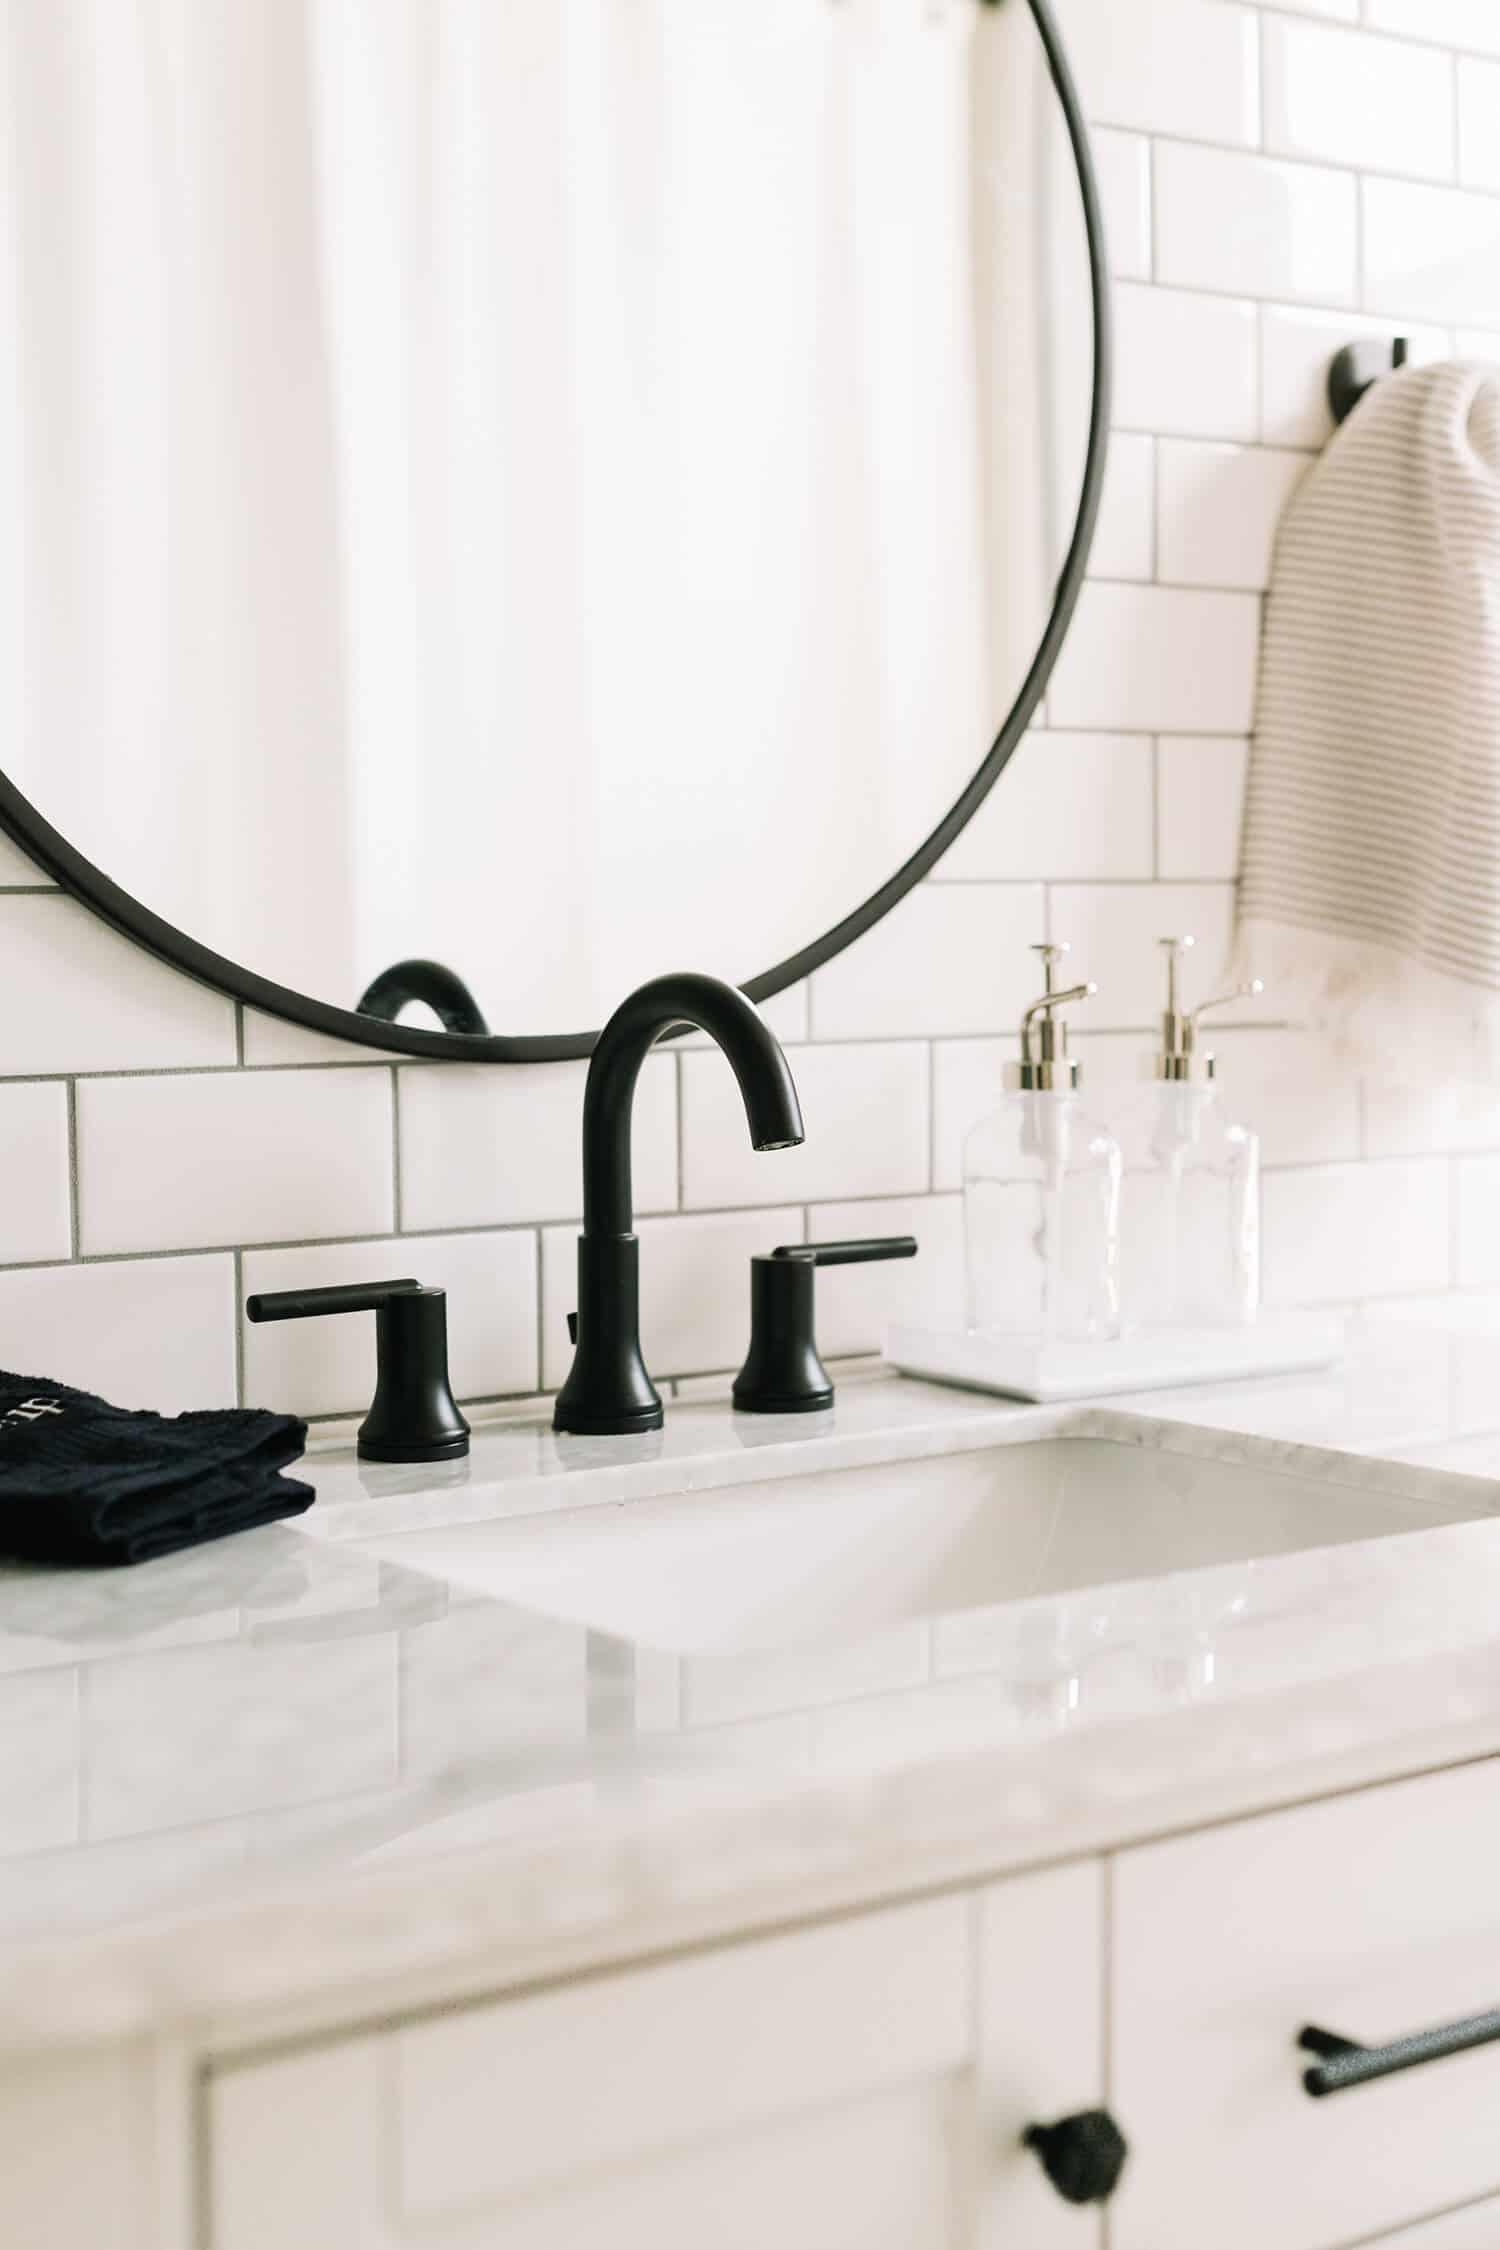 elsiesnashvillebnb-Bathroom-Tour-Before-After-5